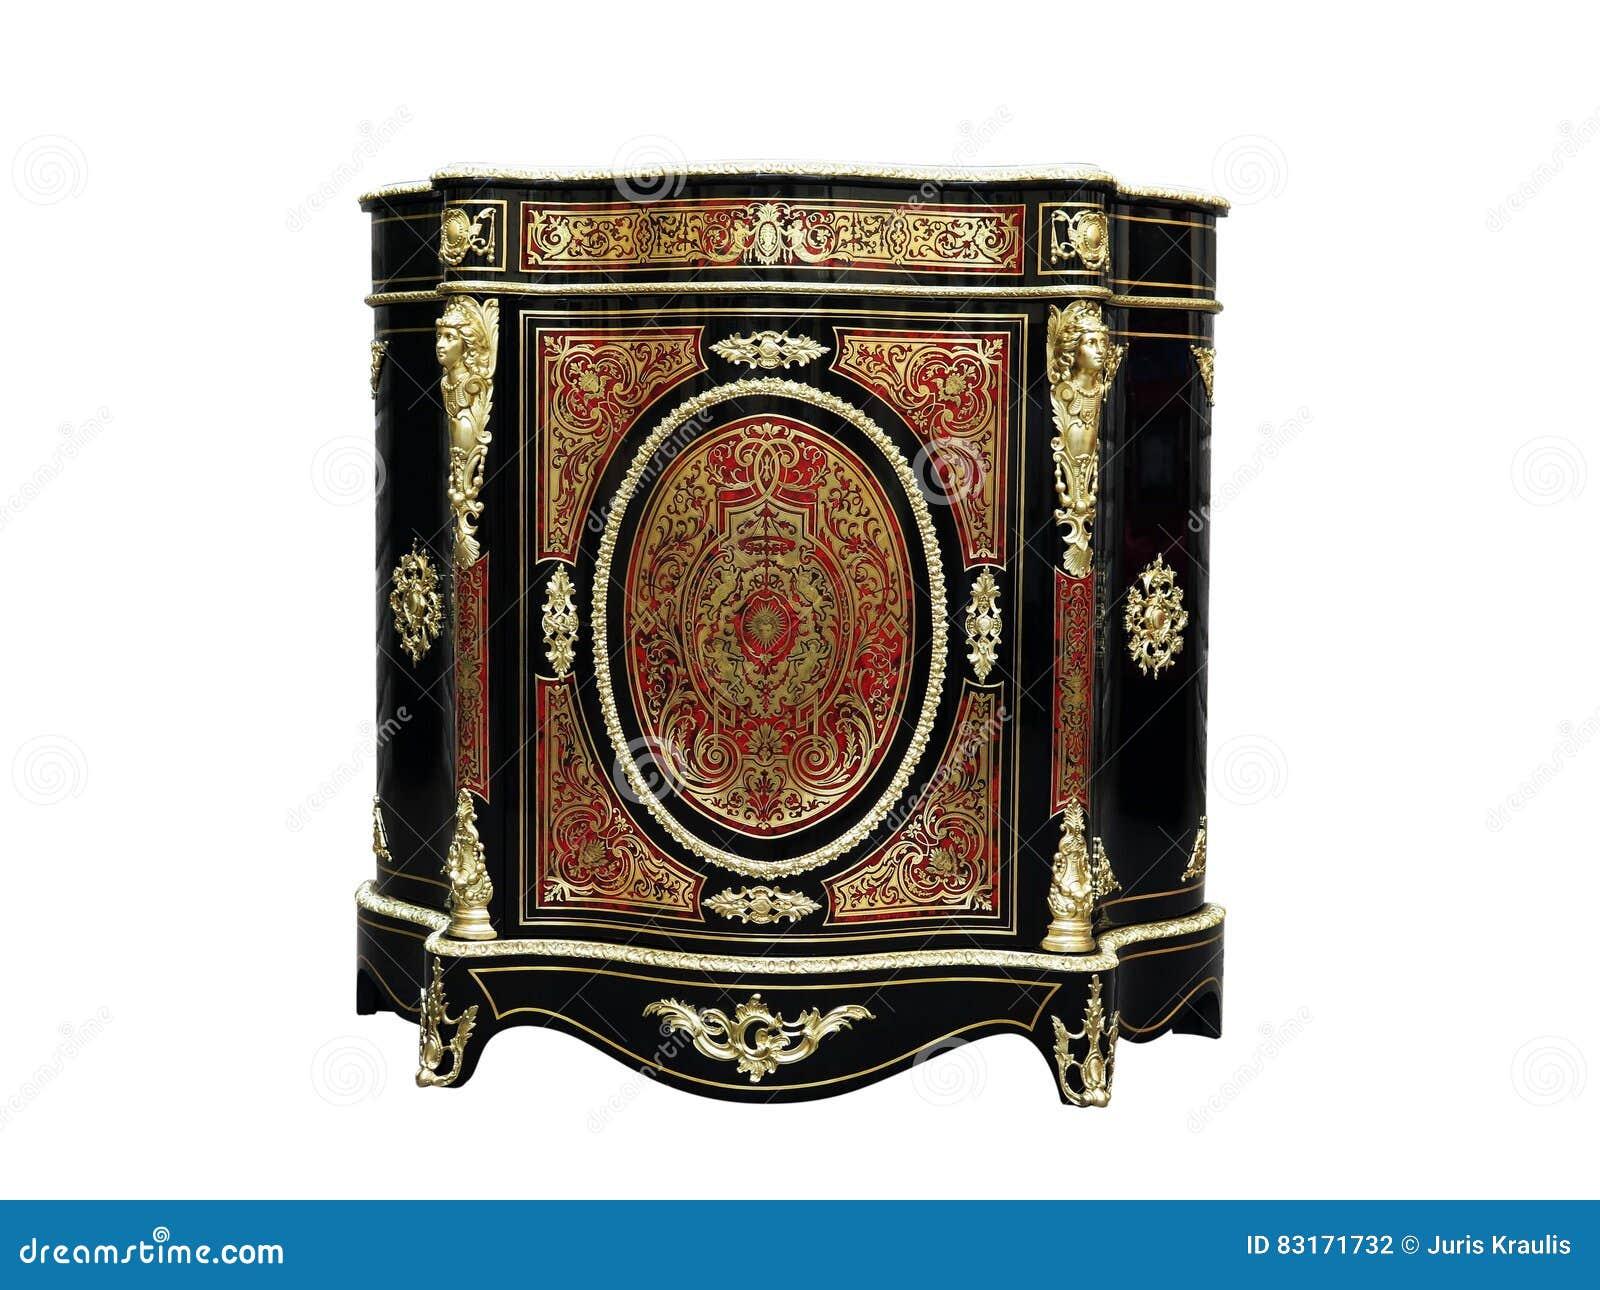 La Credenza Francese : Intarsio francese della credenza dei governi del xix secolo di